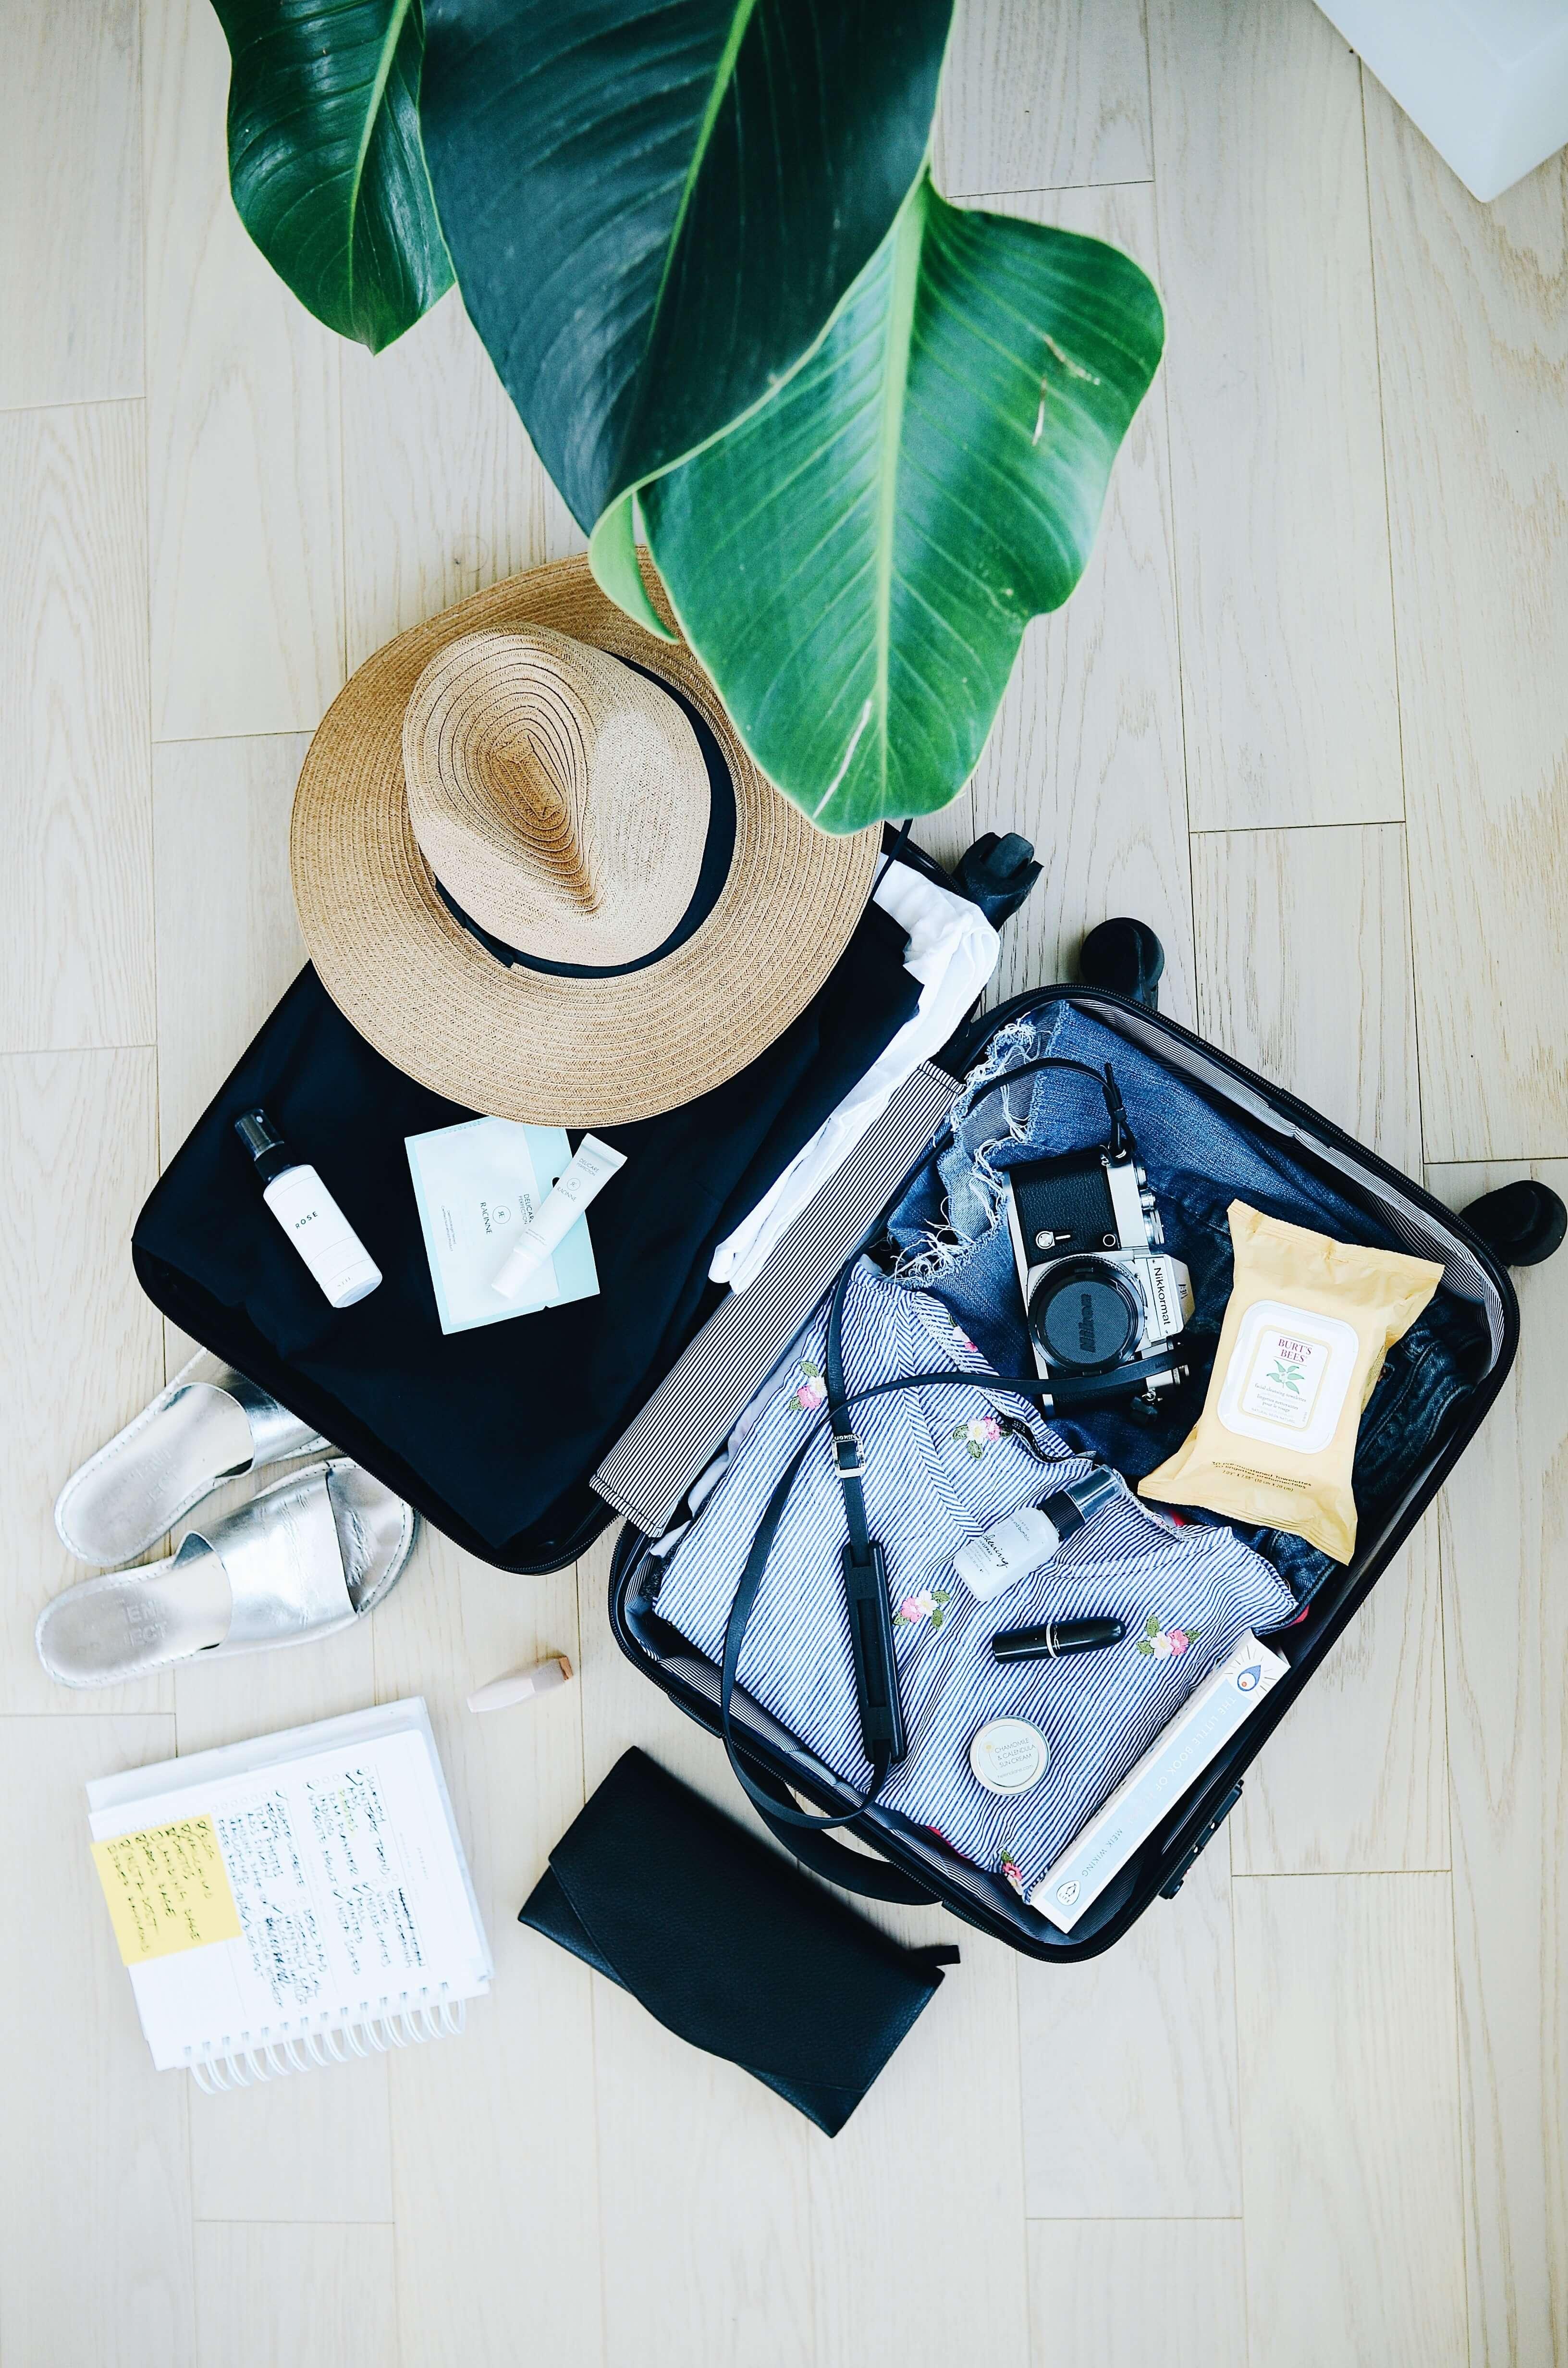 quels produits d'entretien emmener dans sa valise pour les vacances ? Faites le ménage en vacances